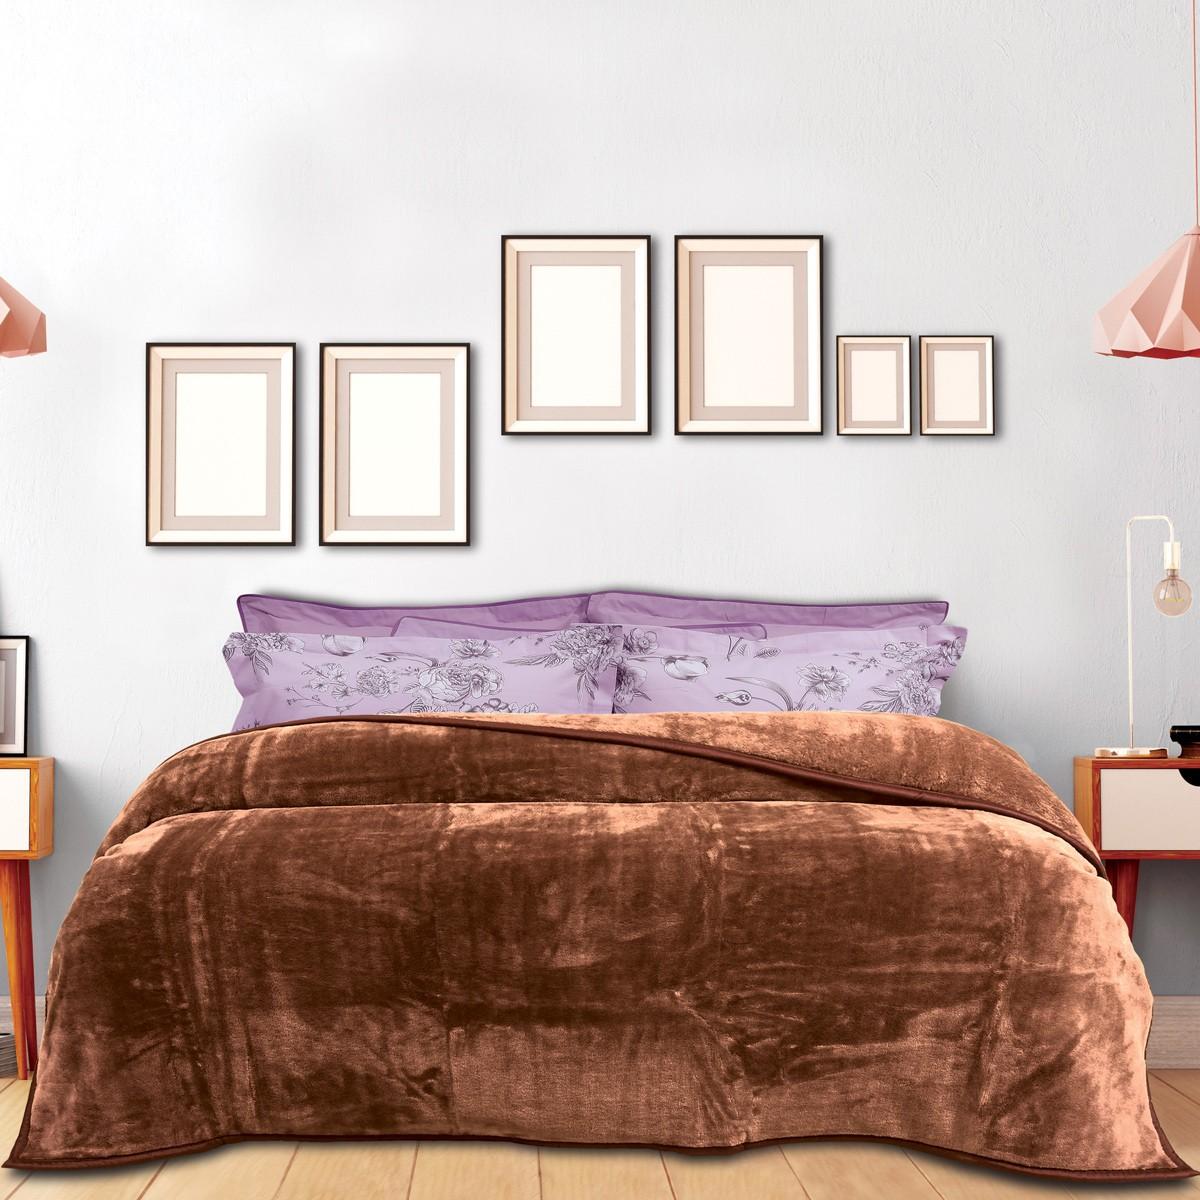 Κουβέρτα Βελουτέ Υπέρδιπλη Das Home Blanket Line Velour 393 home   κρεβατοκάμαρα   κουβέρτες   κουβέρτες βελουτέ υπέρδιπλες